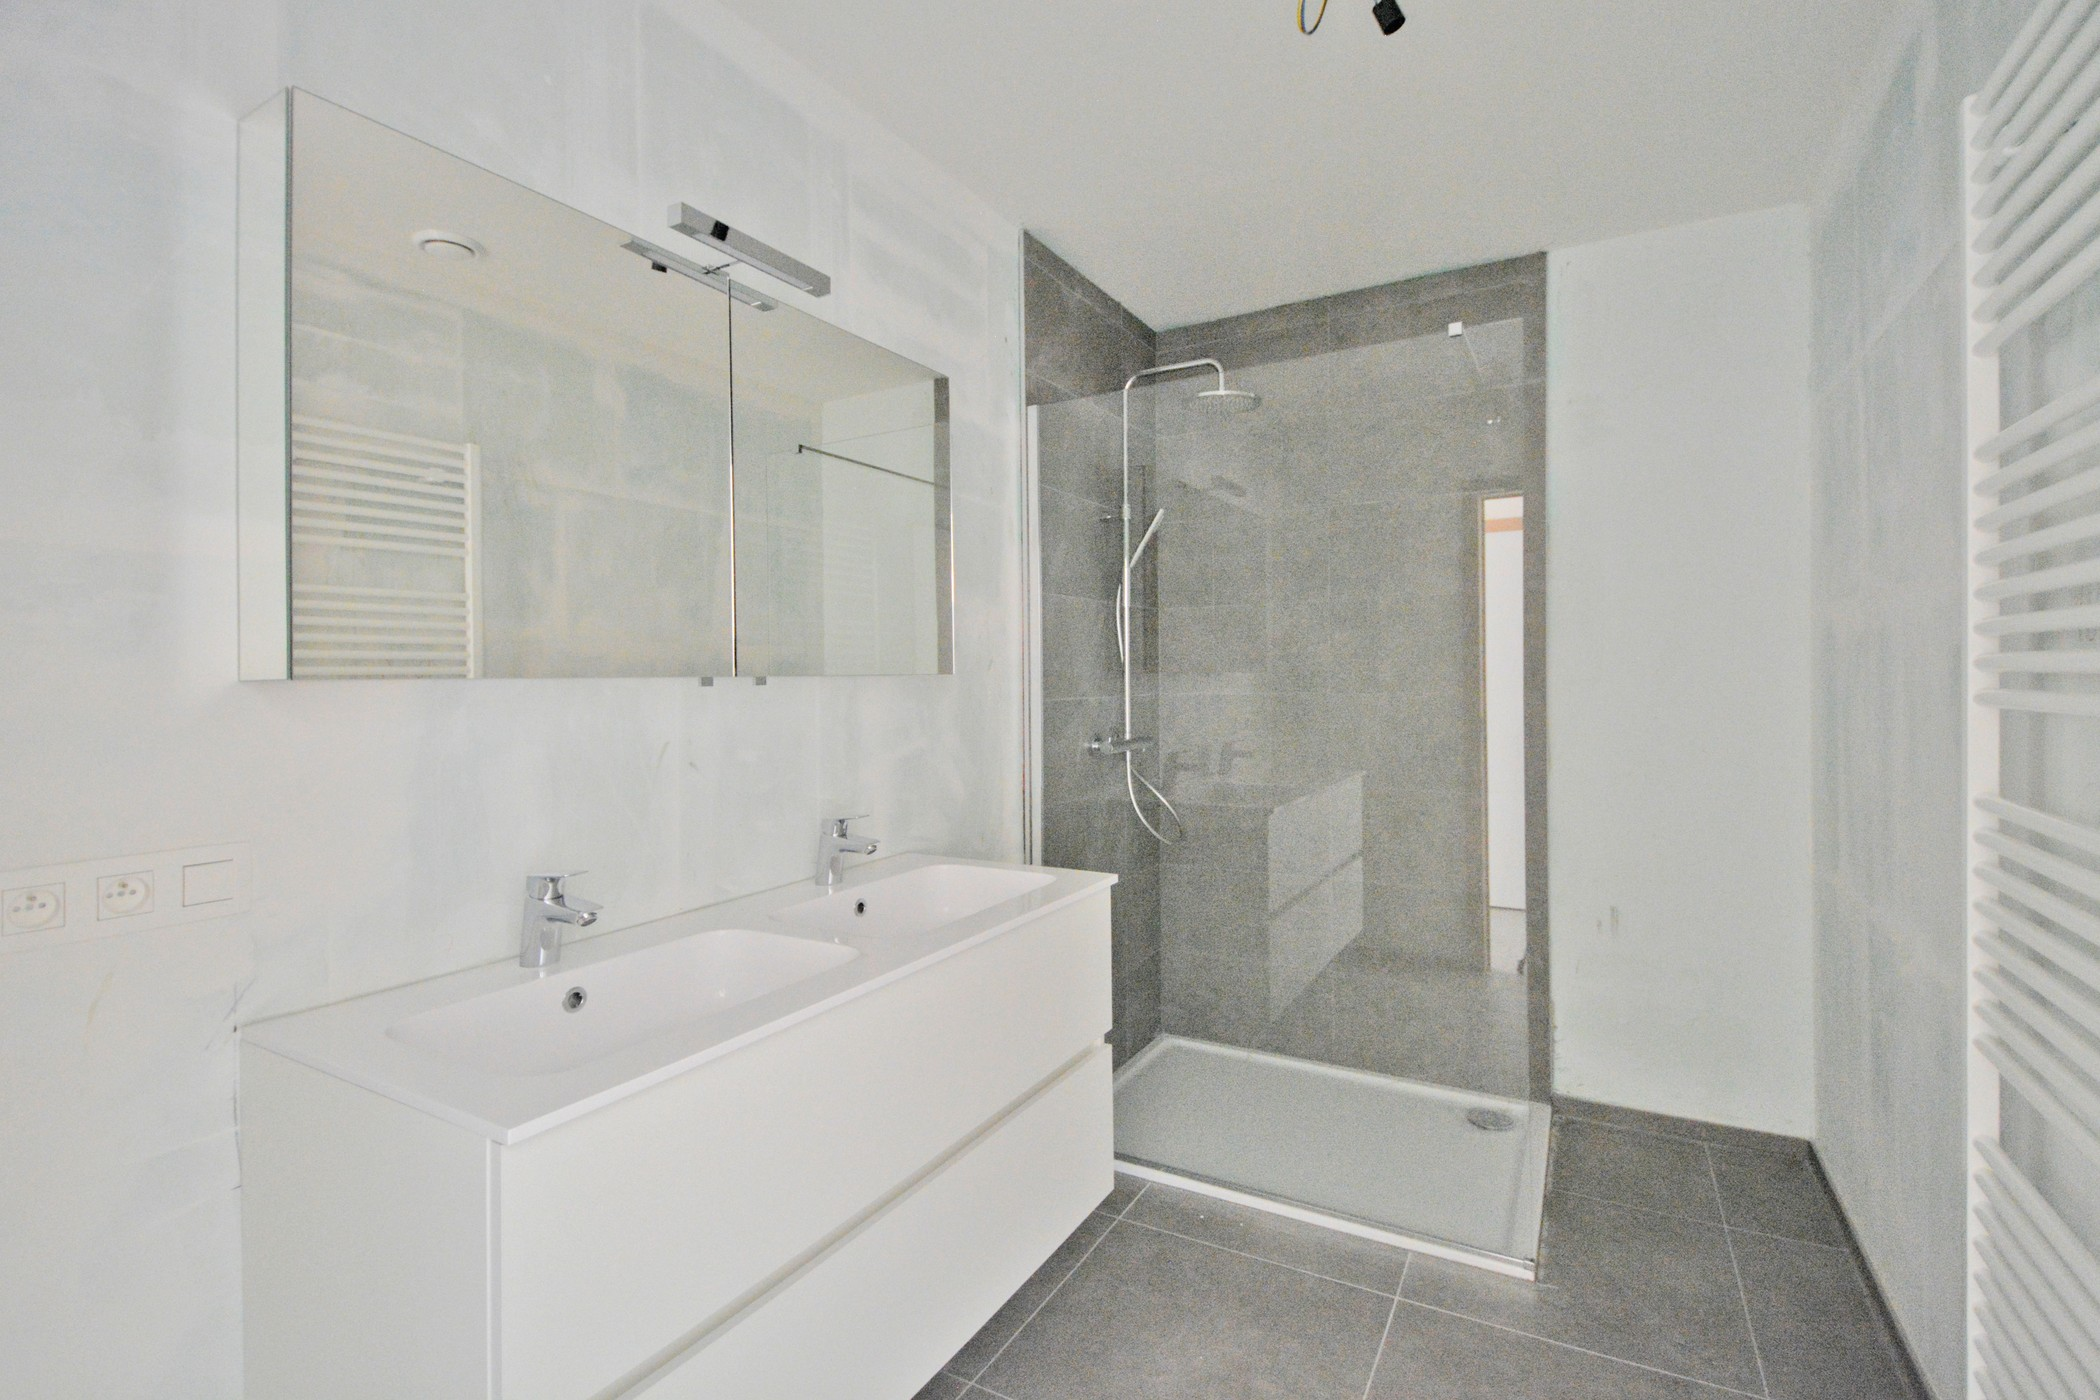 2 slaapkamer appartement Residentie Roosevelt -  - NS-046 Residentie Roosevelt 2.8CCC